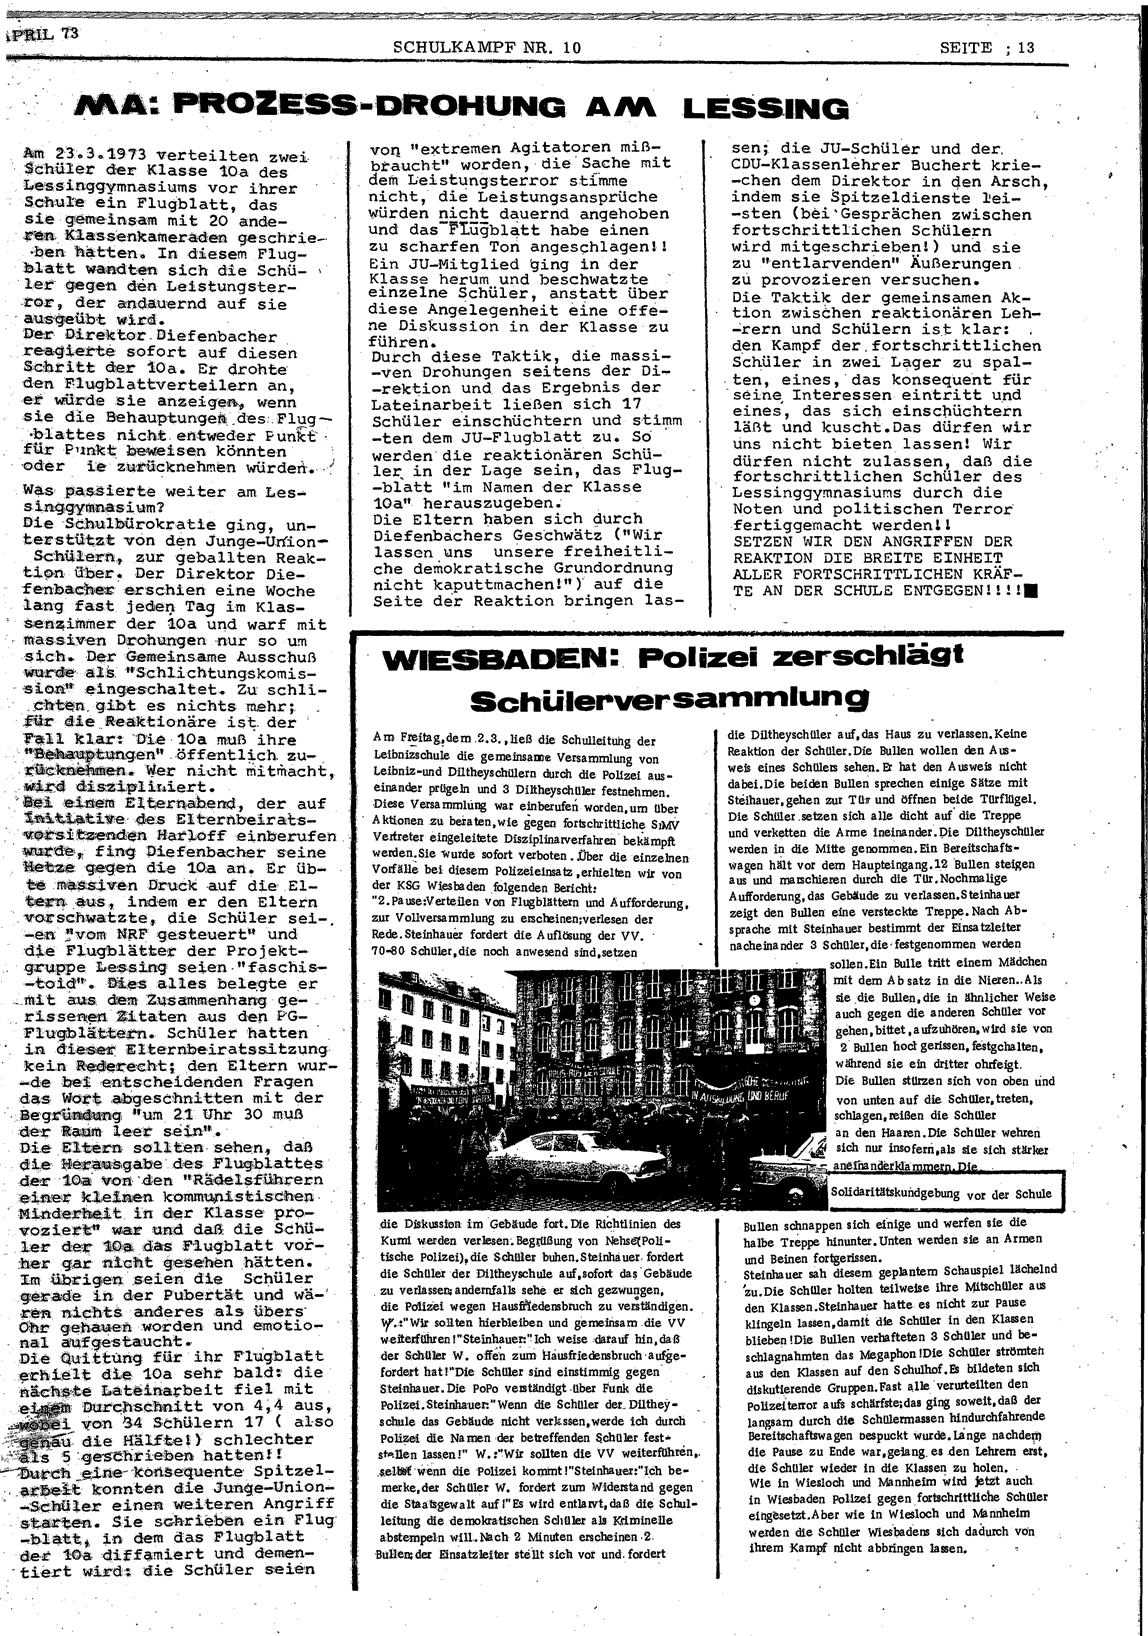 Schulkampf_HD_1973_10_13